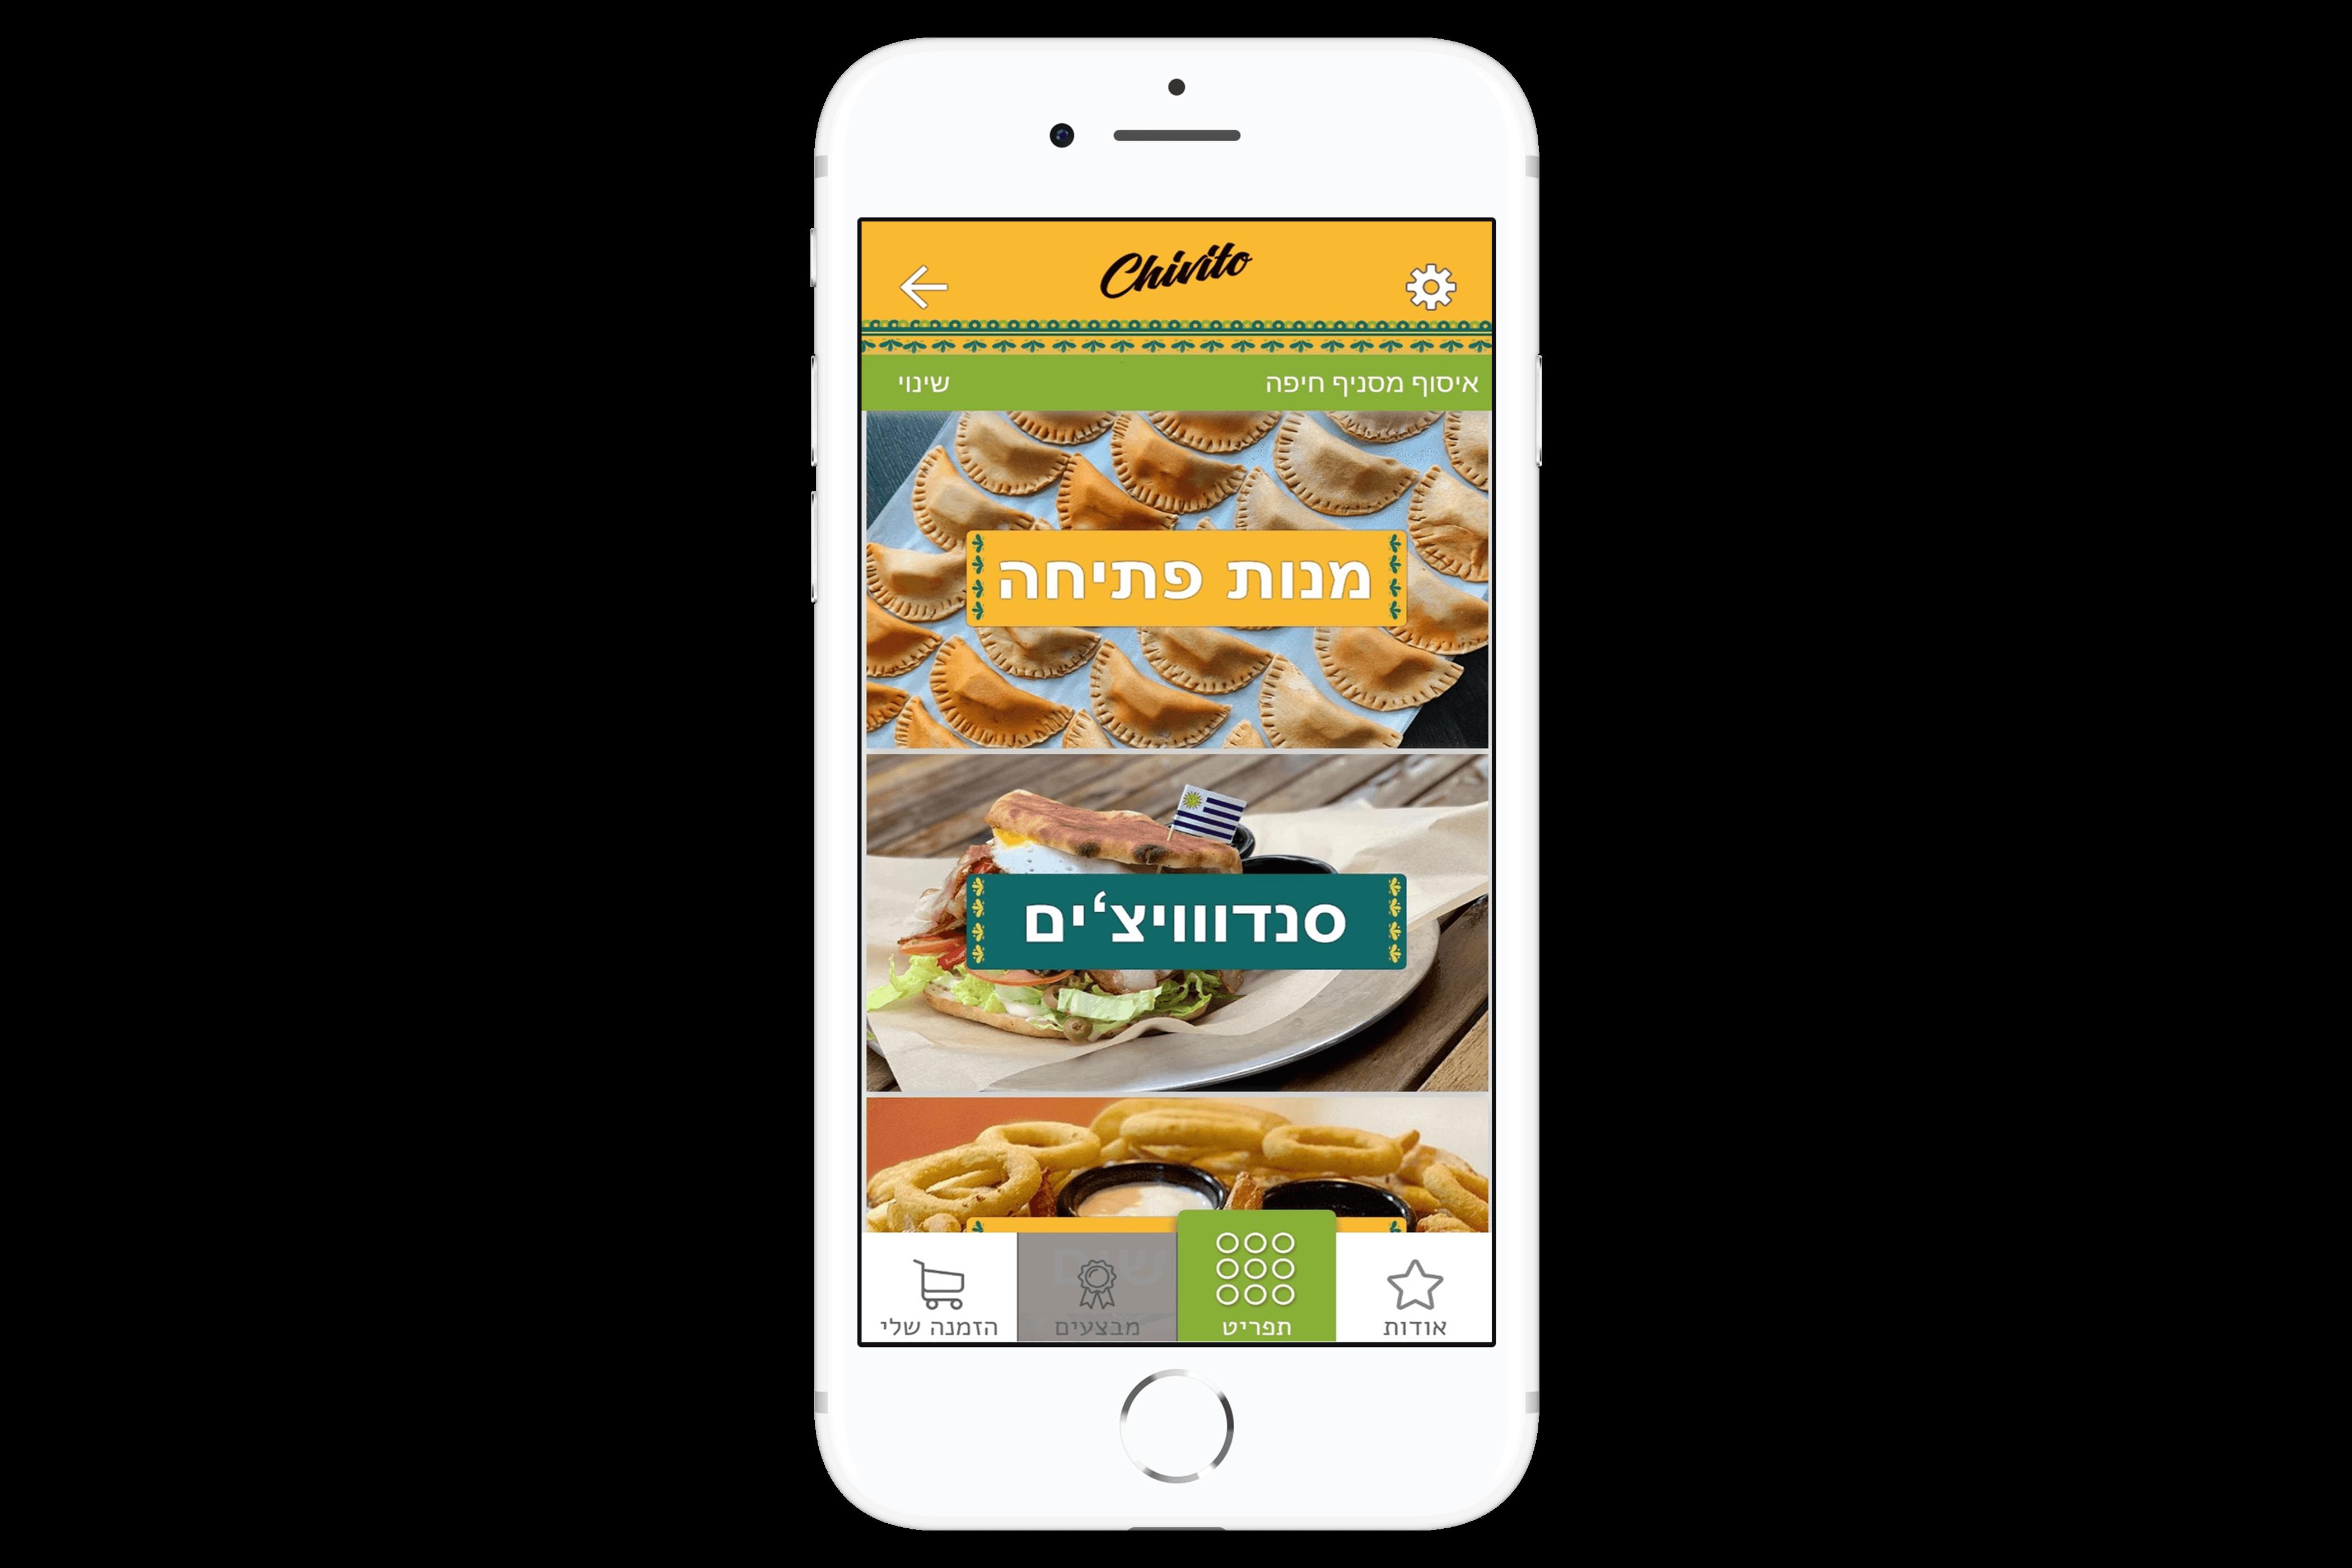 אפליקציית הזמנות של צ'יוויטו מבין הלקוחות שלנו